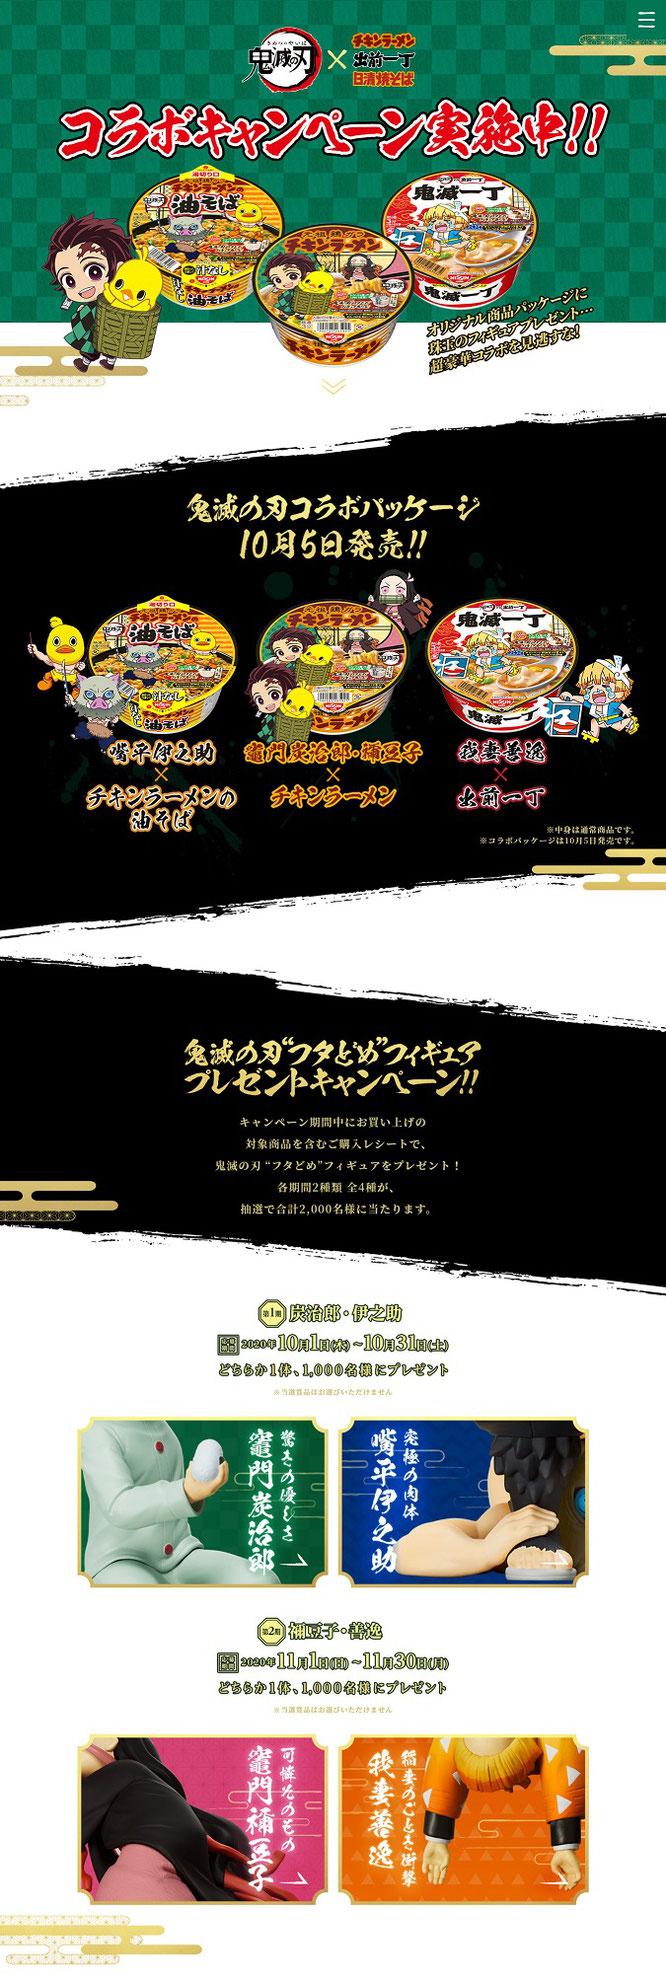 【日清食品】チキンラーメン 鬼滅の刃コラボキャンペーン